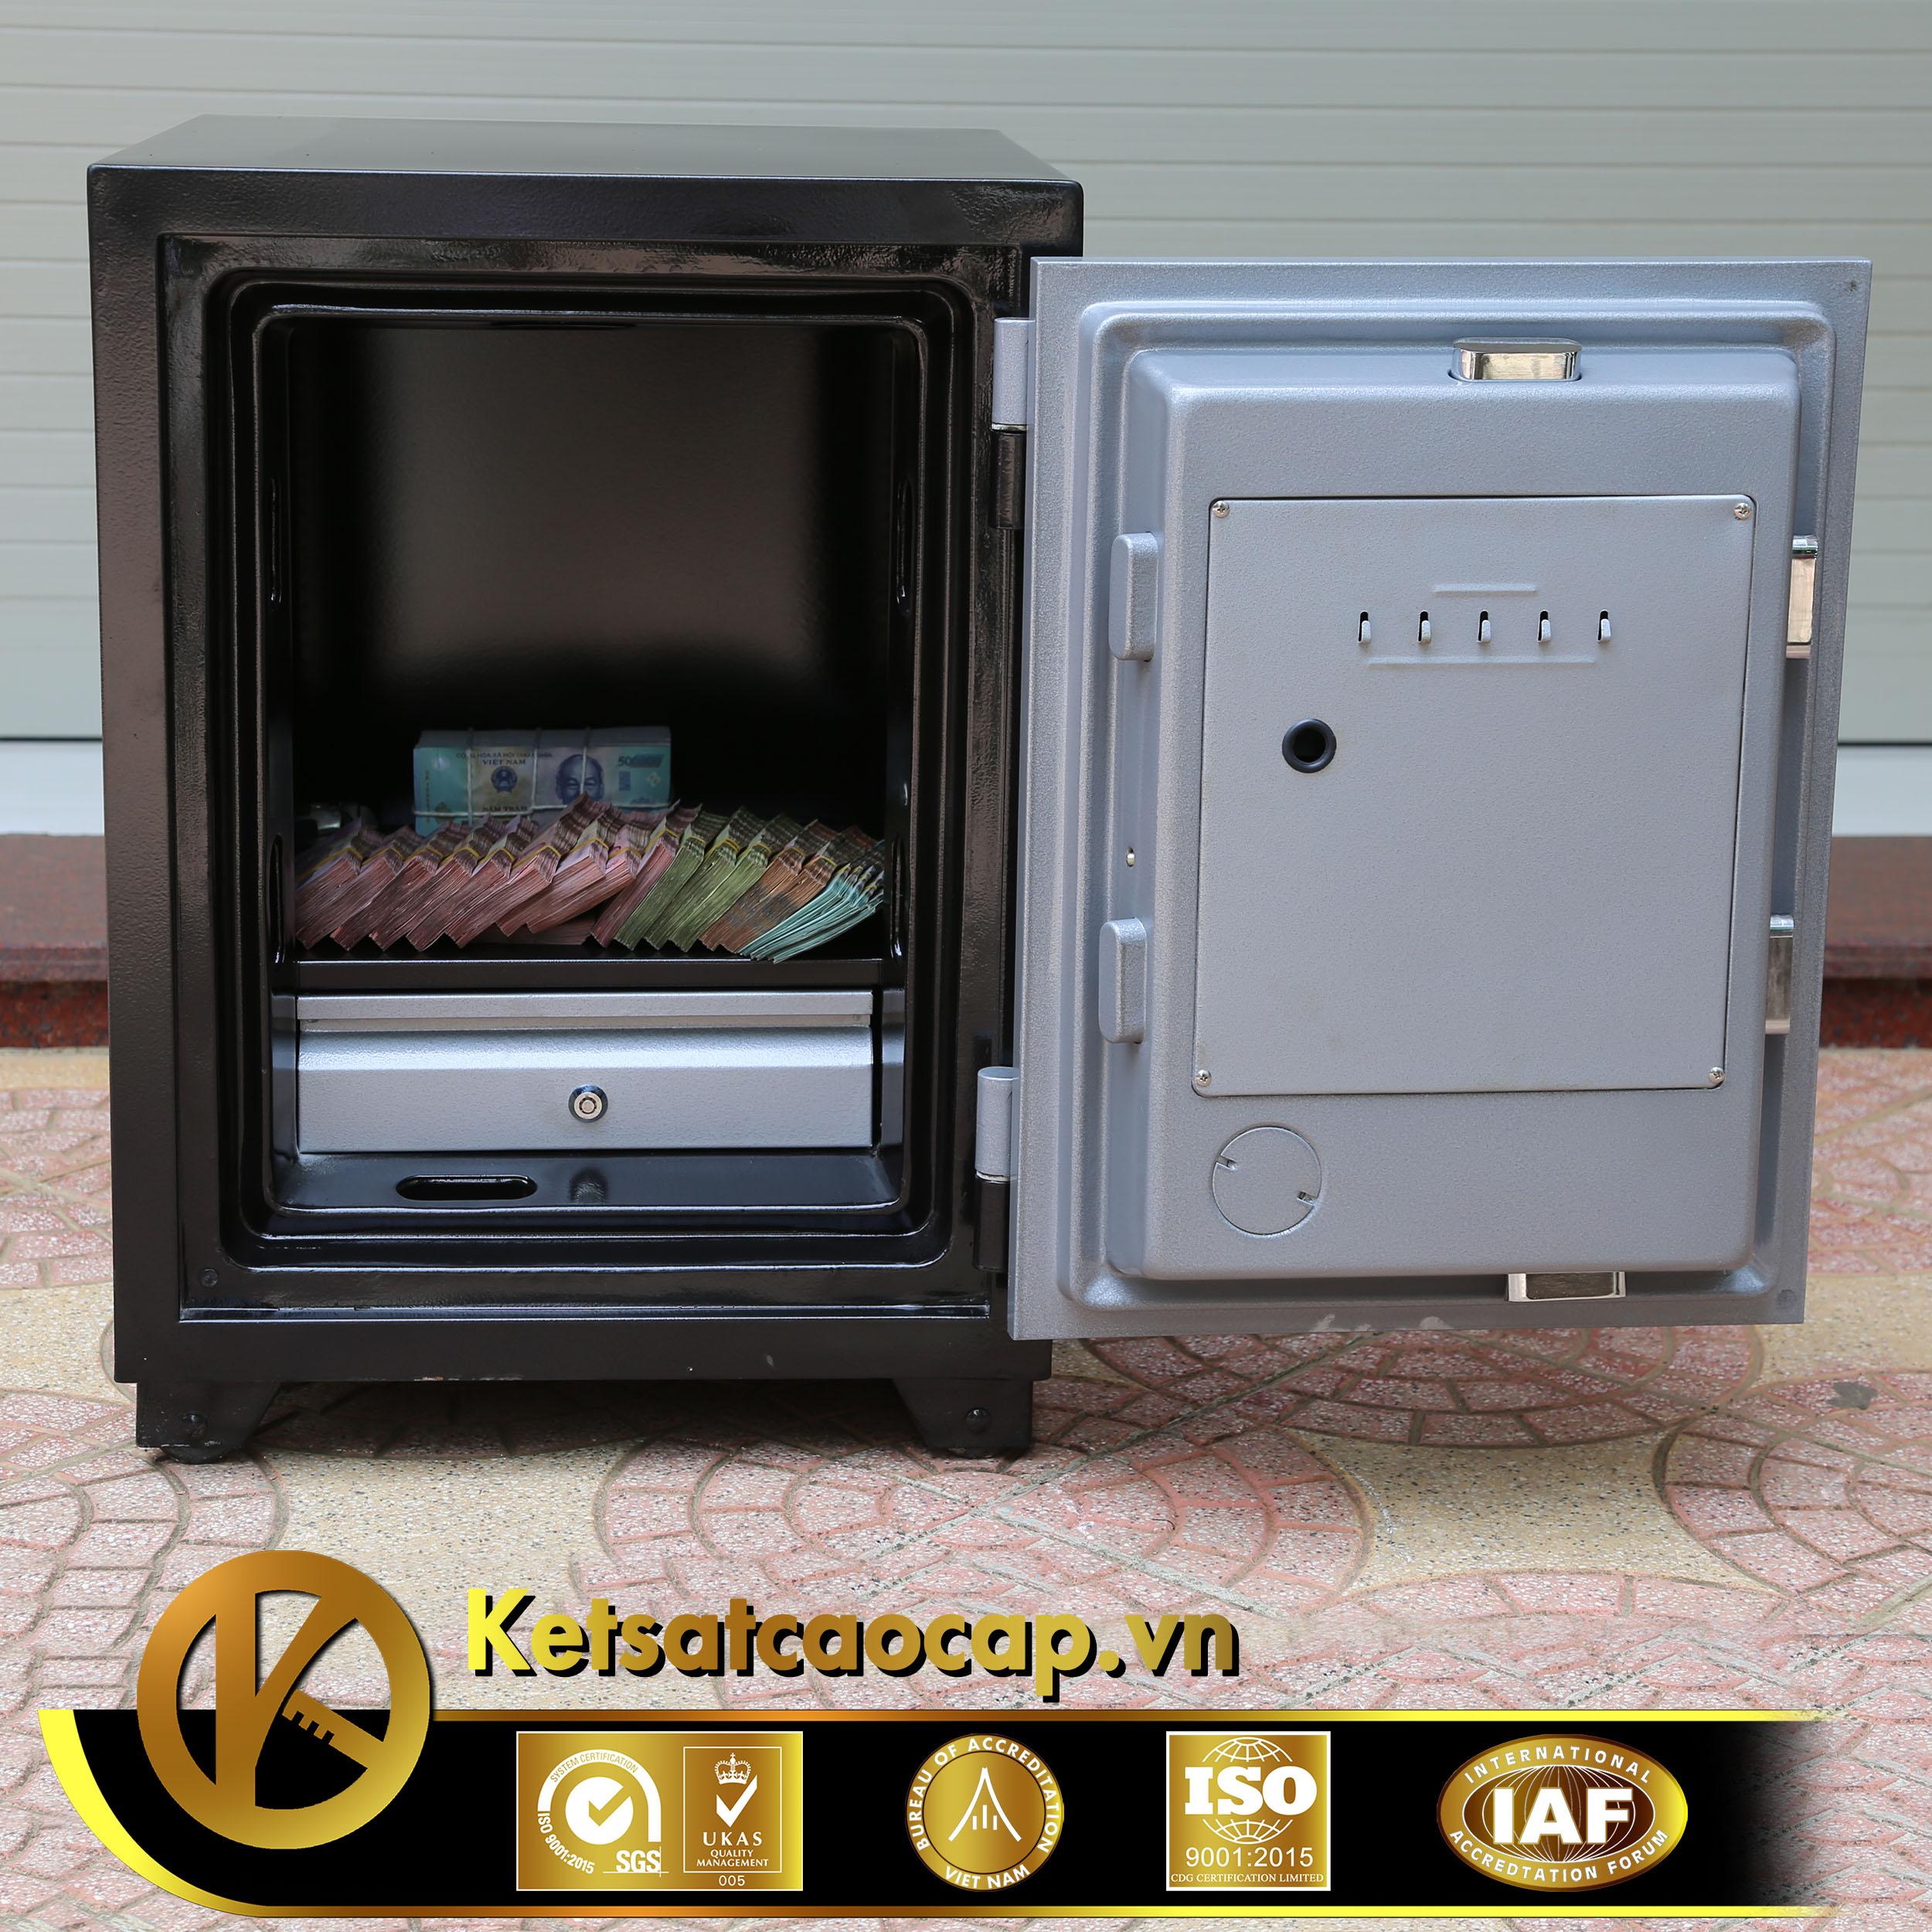 đặc điểm sản phẩm Két sắt văn phòng KS140B-Series C Thai Lan